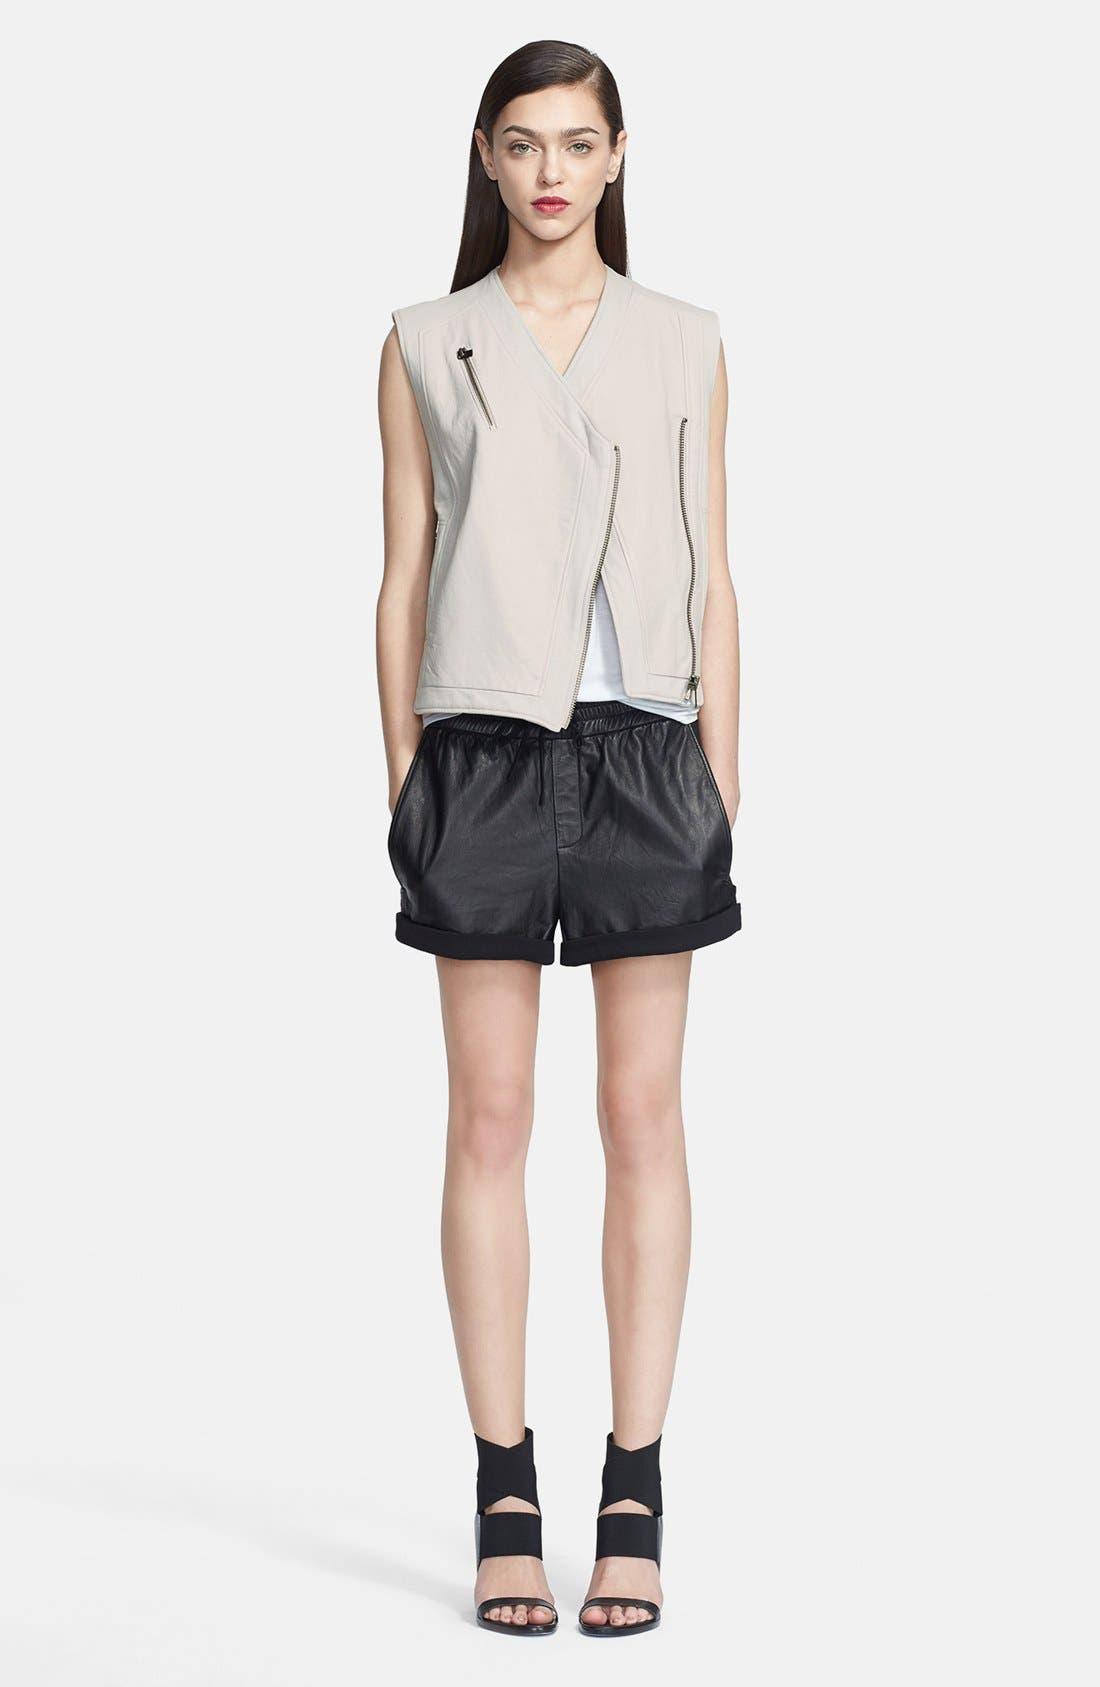 Alternate Image 1 Selected - Helmut Lang Leather Vest & Shorts